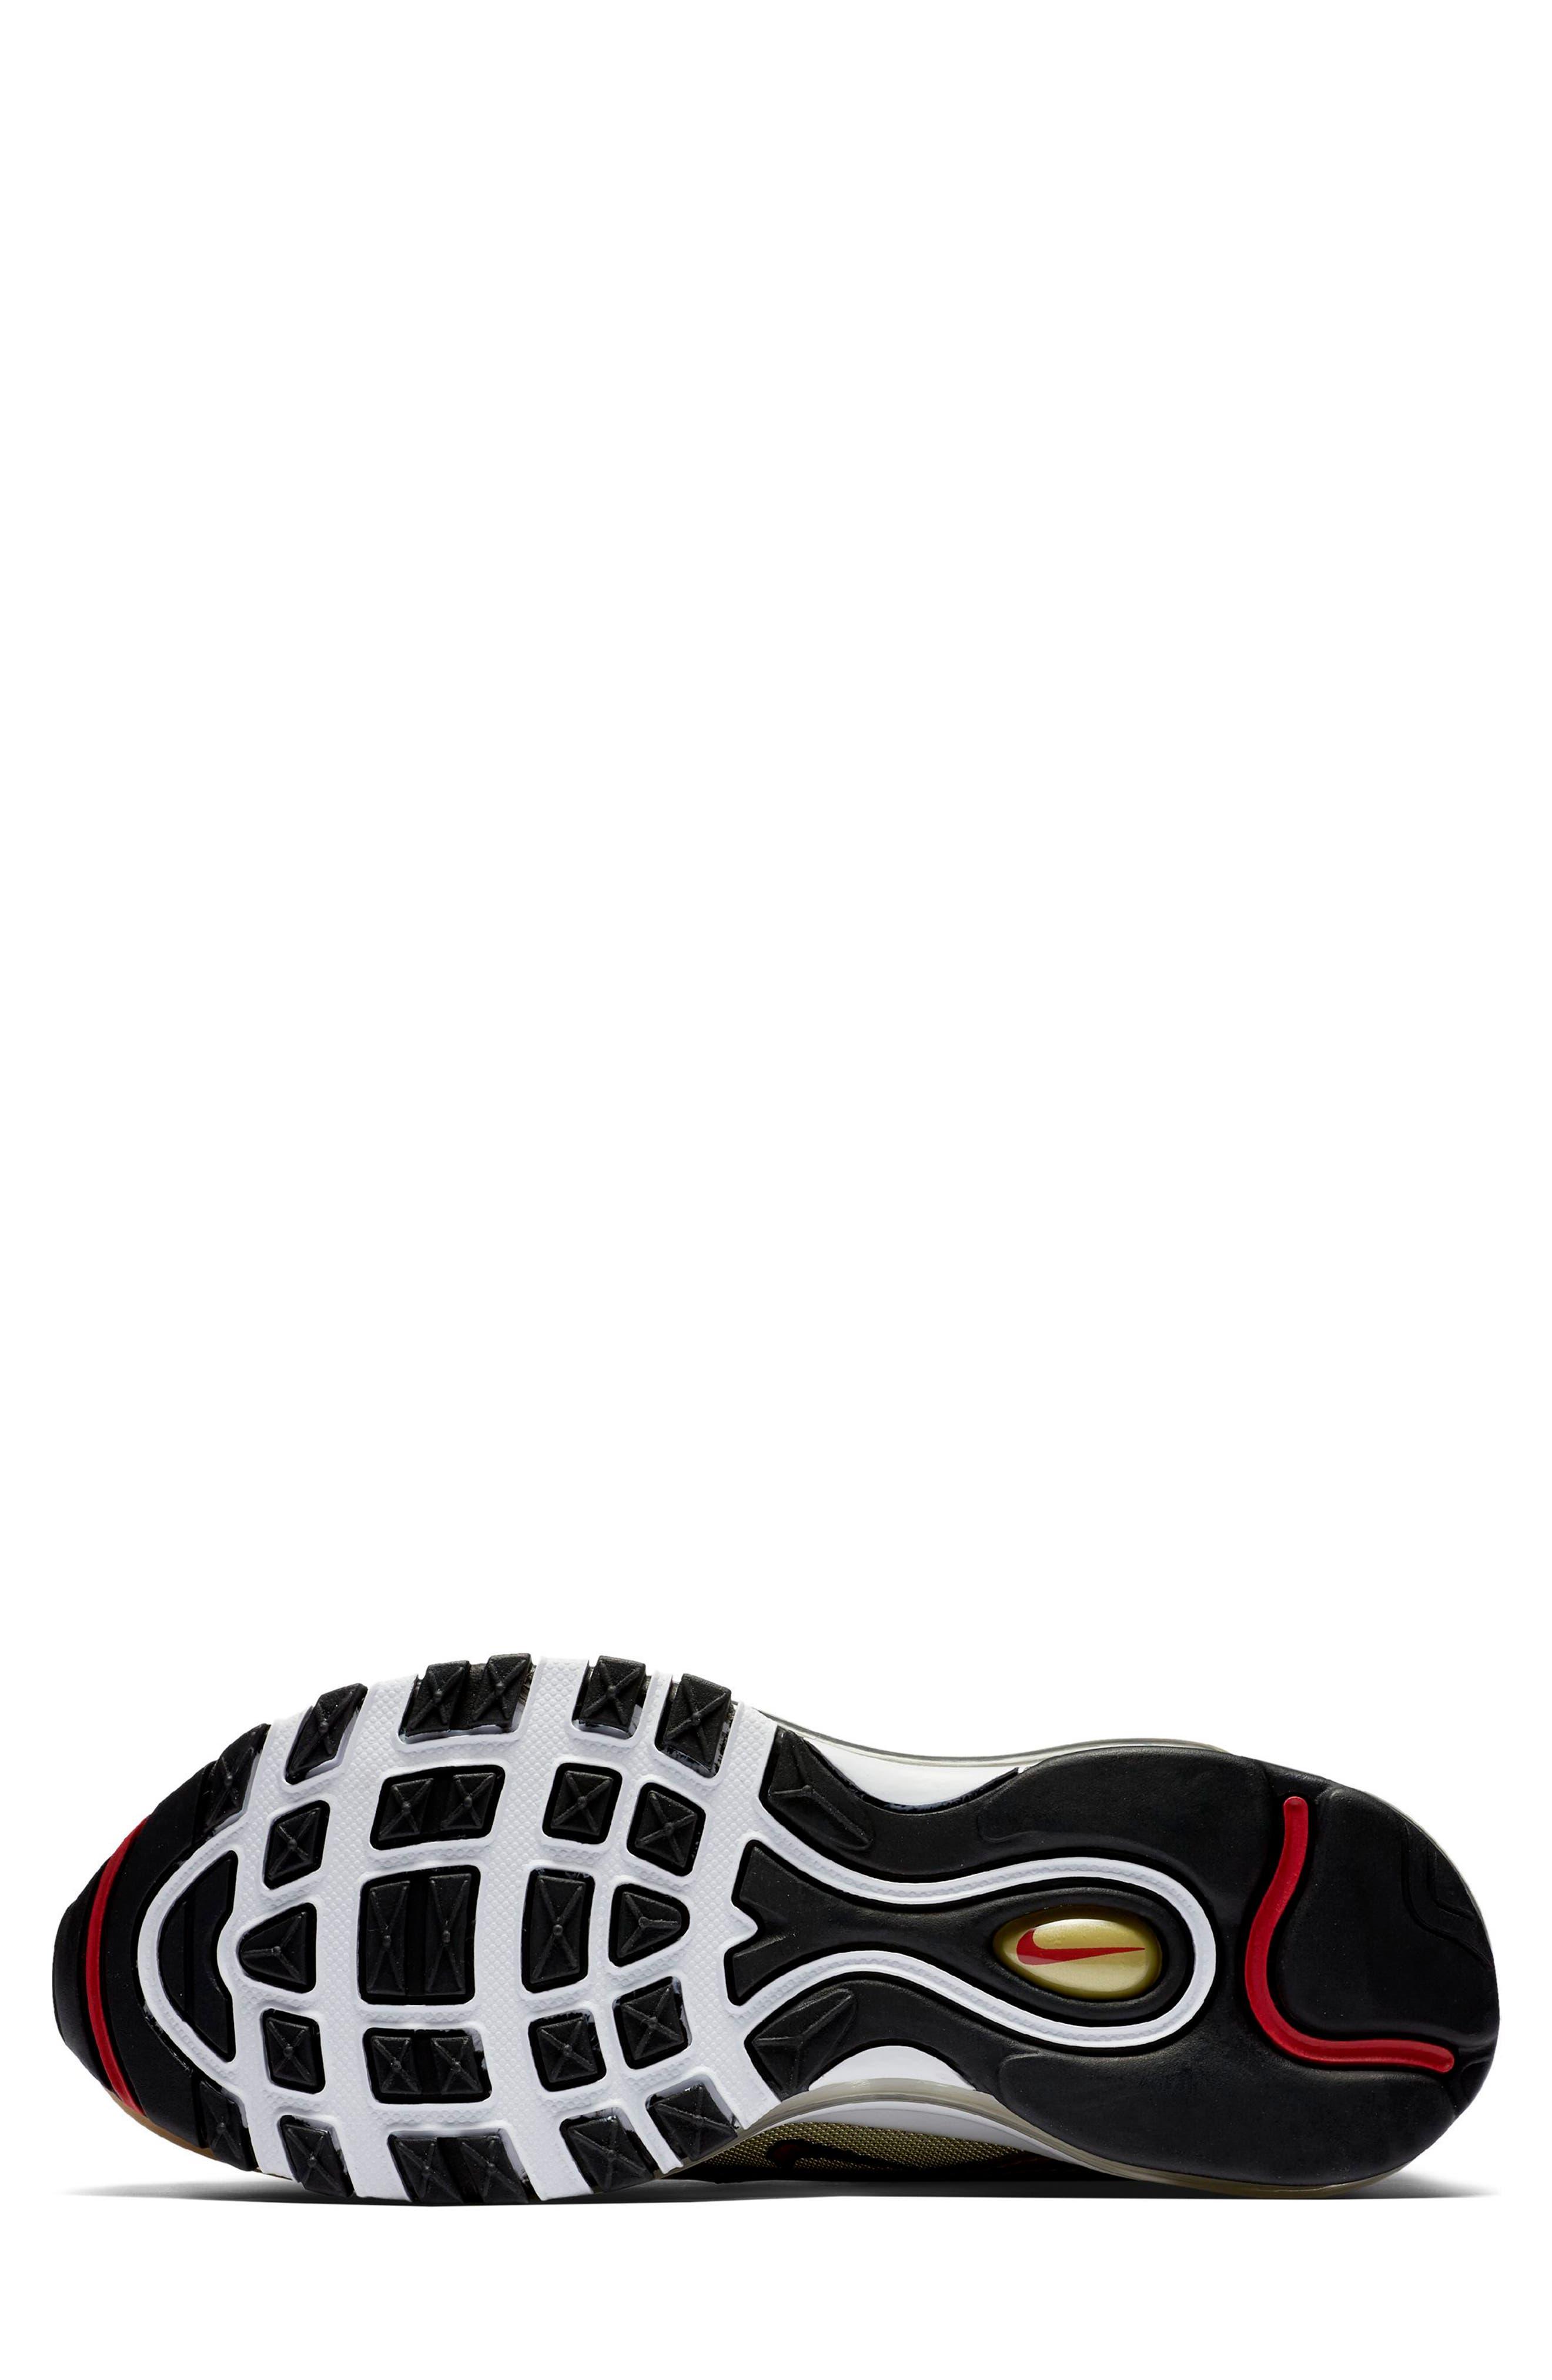 Air Max 97 OG Sneaker,                             Alternate thumbnail 6, color,                             Gold/ Red/ White/ Black